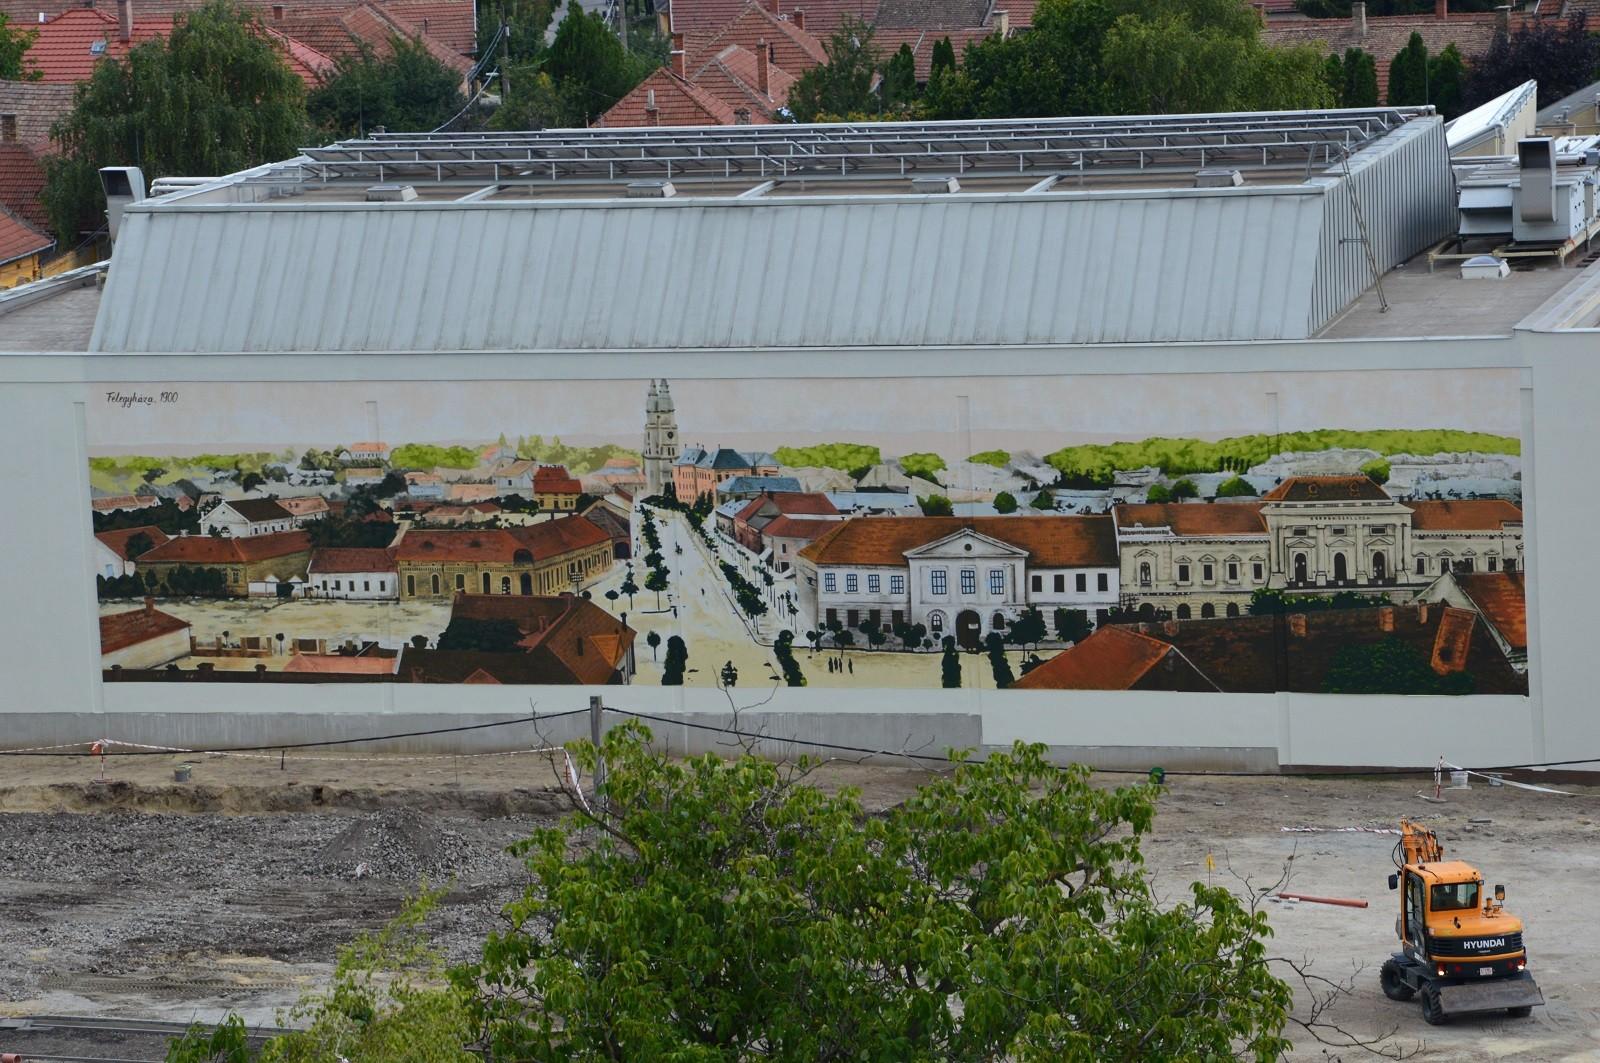 Elkészült a félegyházi falfestmény